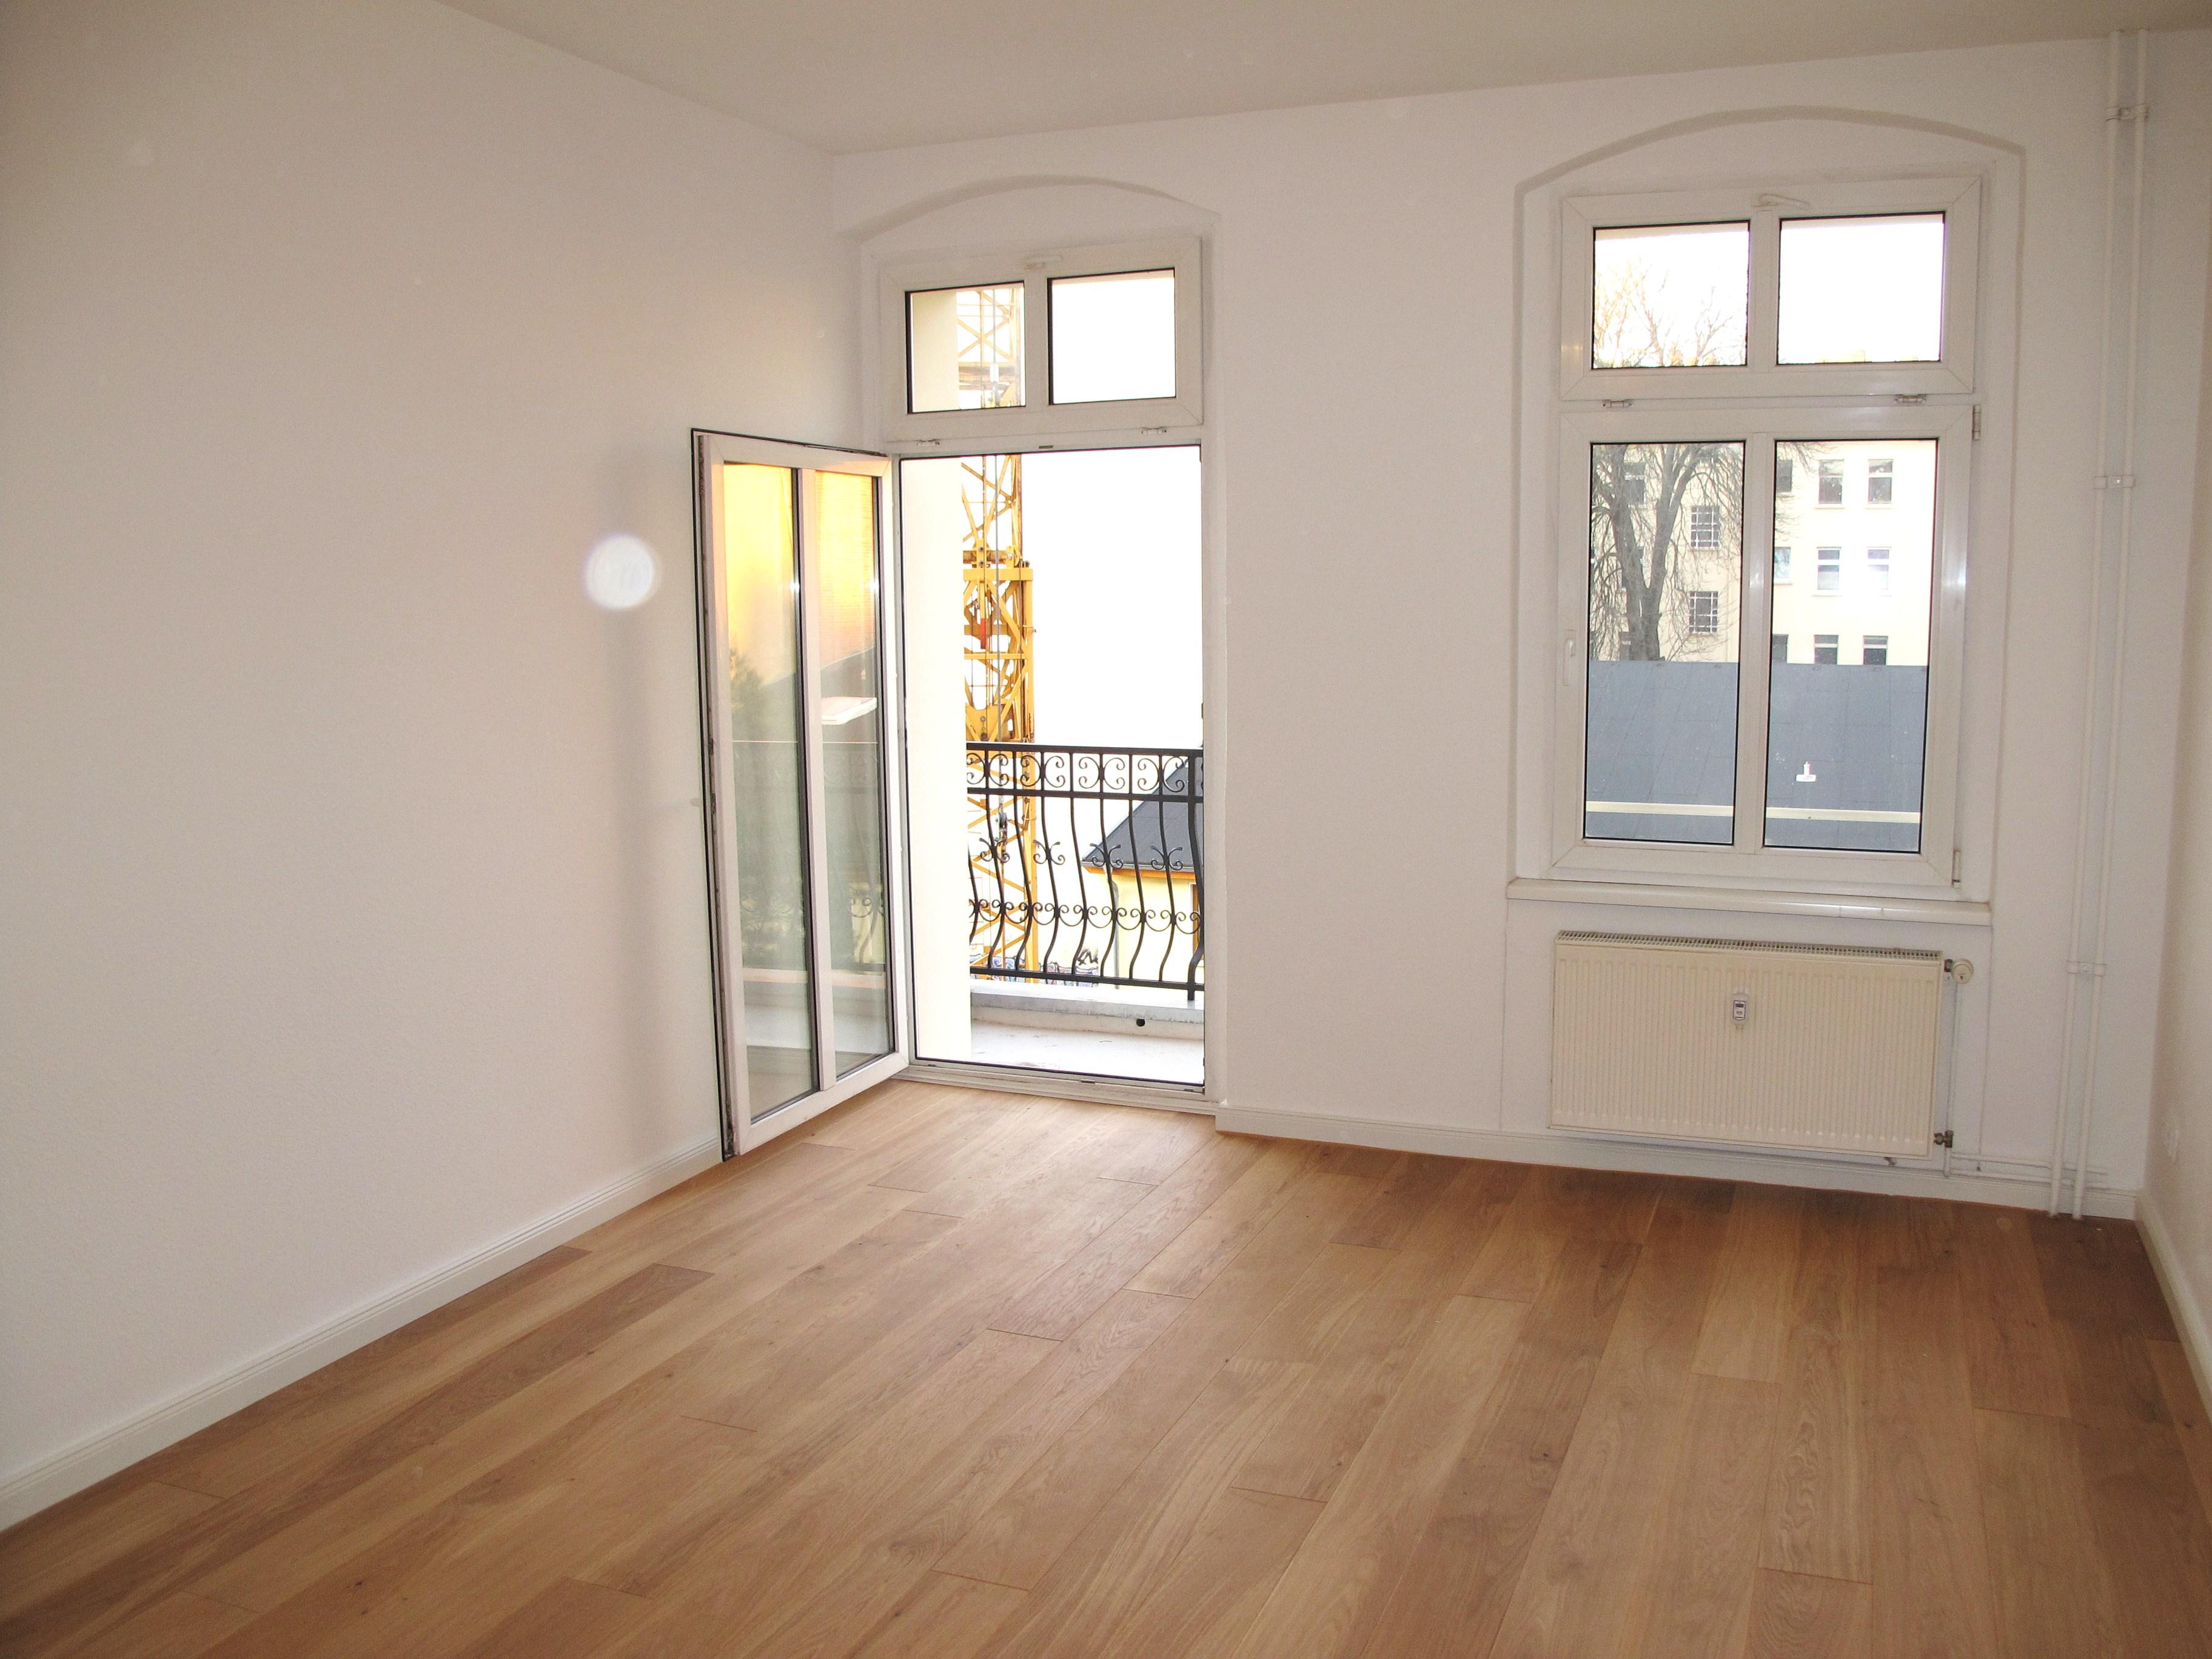 Matternstraße_Zimmer